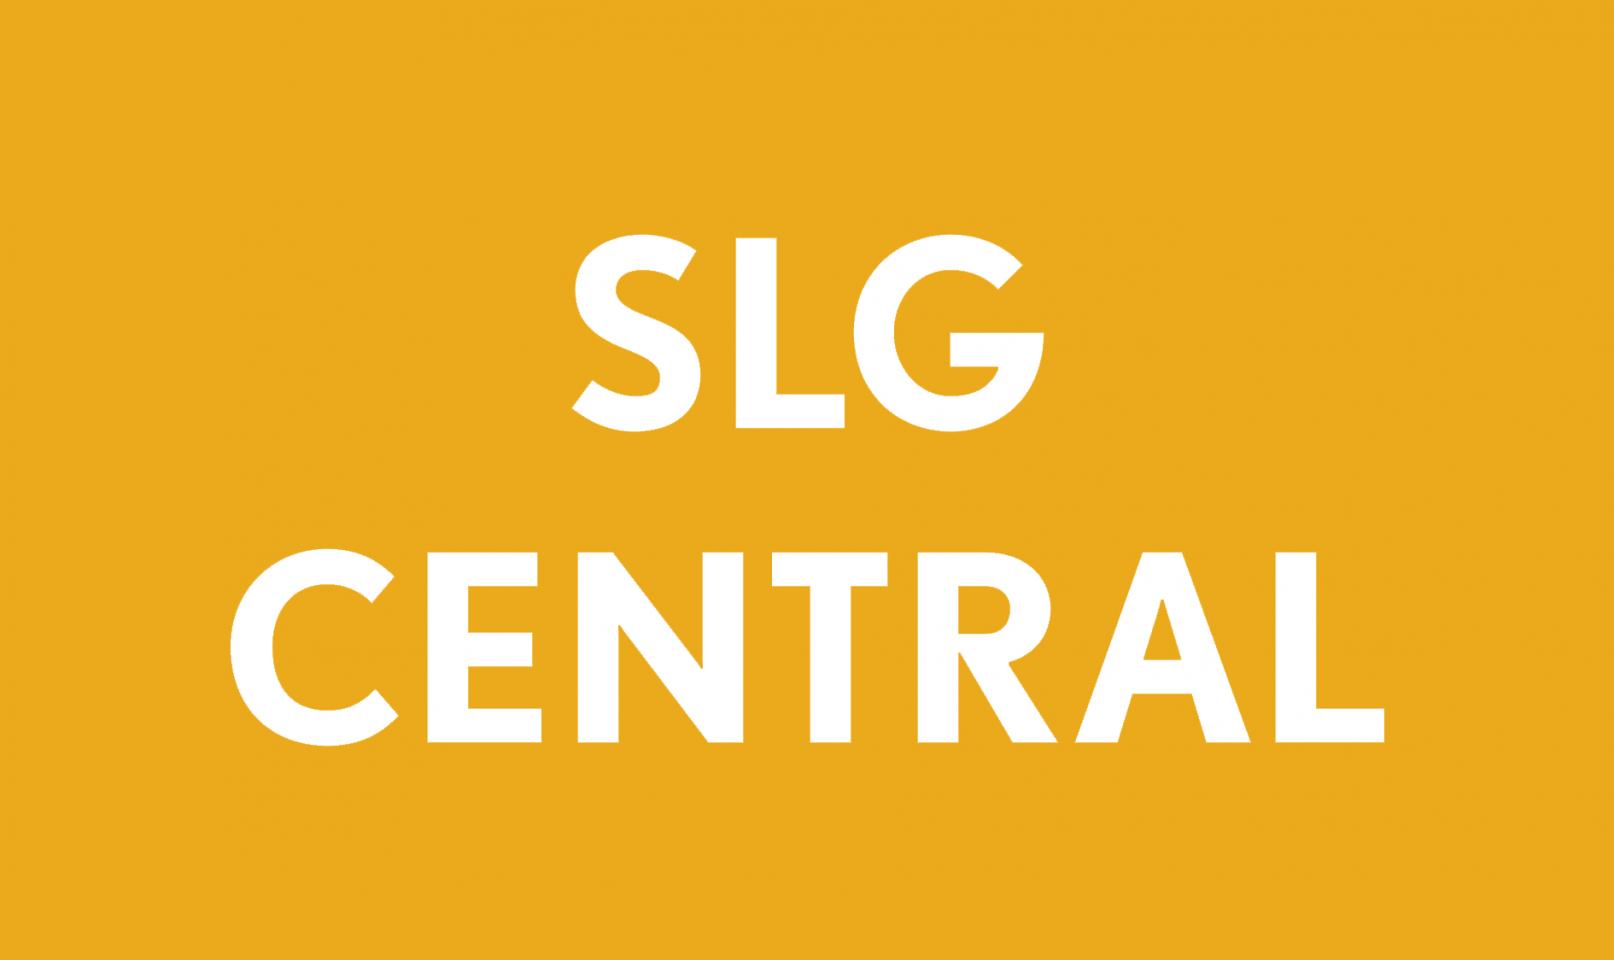 SLG CENTRAL